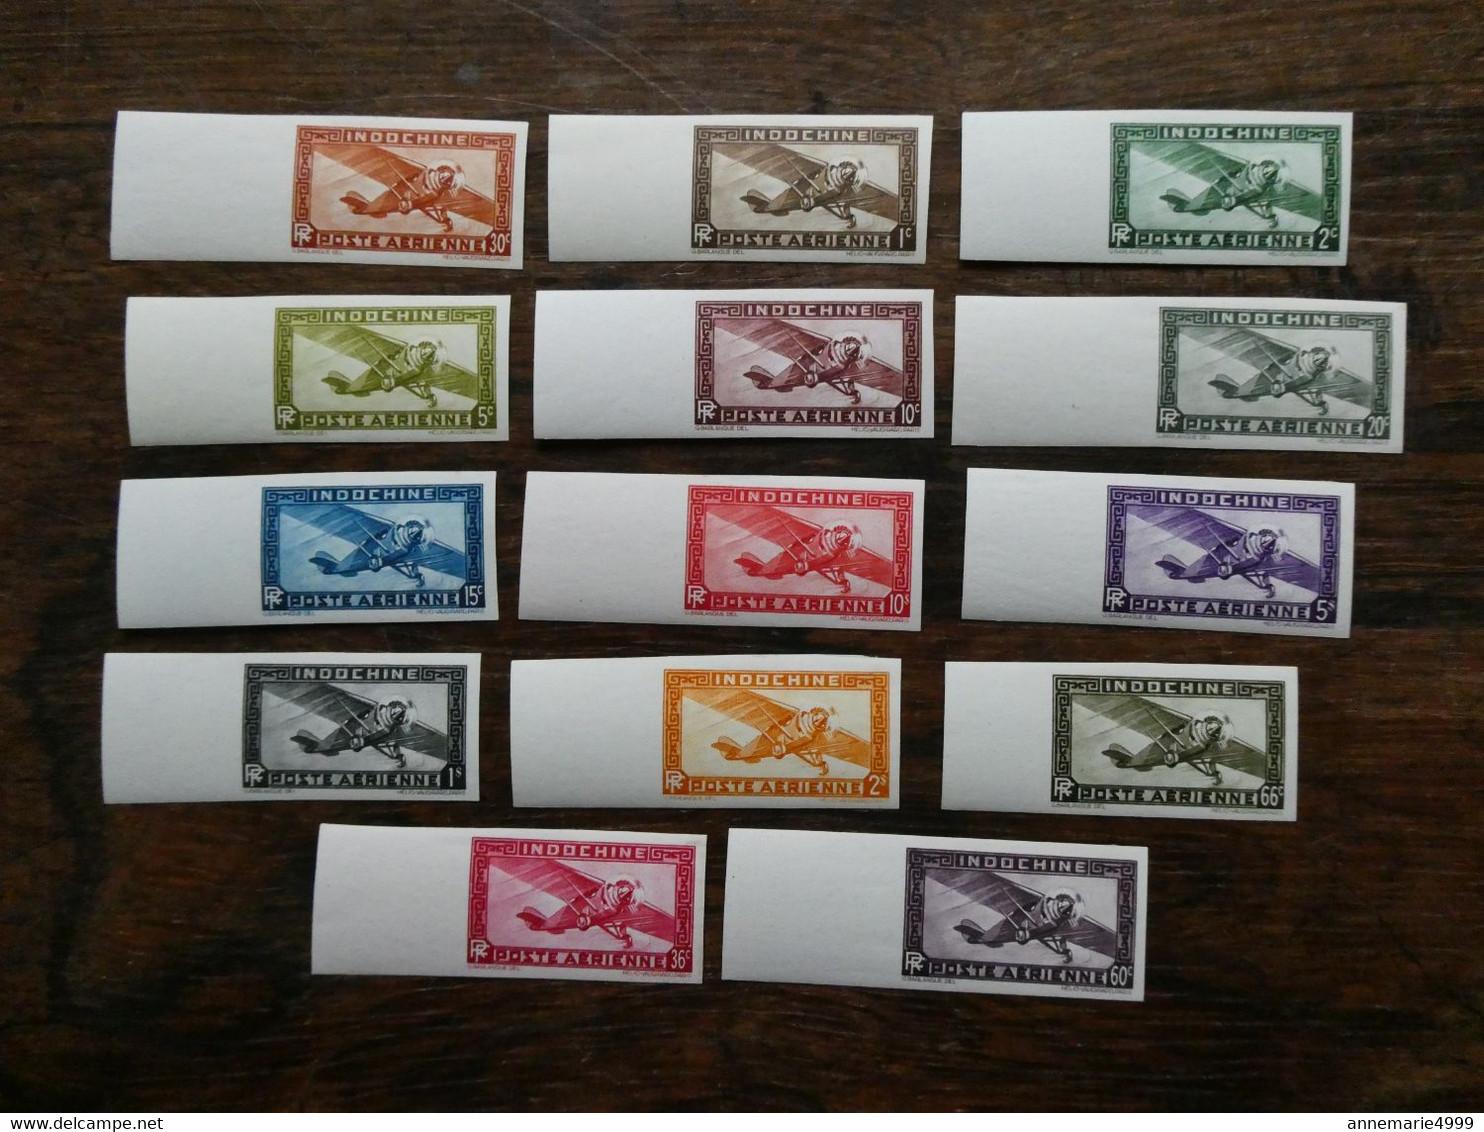 INDOCHINE Poste Aérienne N° 1 à 14  Complète  NON DENTELES Très Beau Neufs Sans Charn  MNH RARE - Unused Stamps